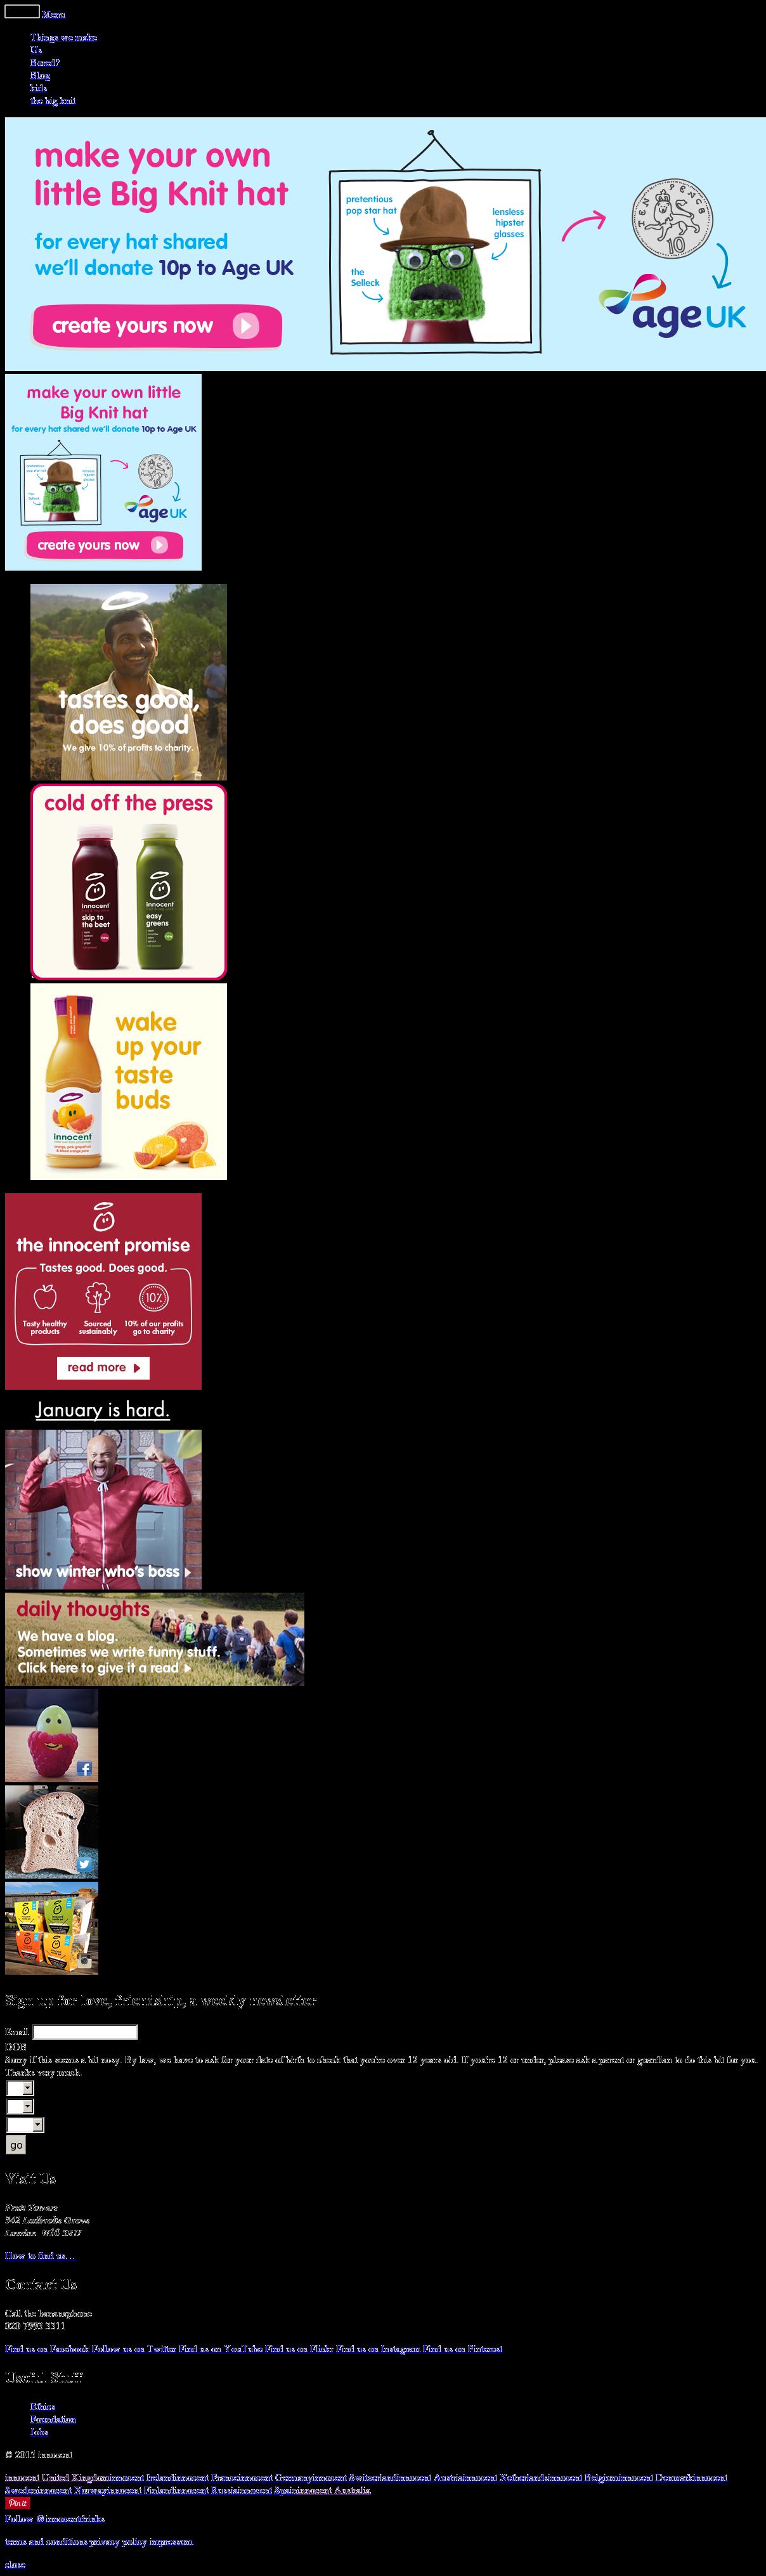 innocent drinks market segmentation